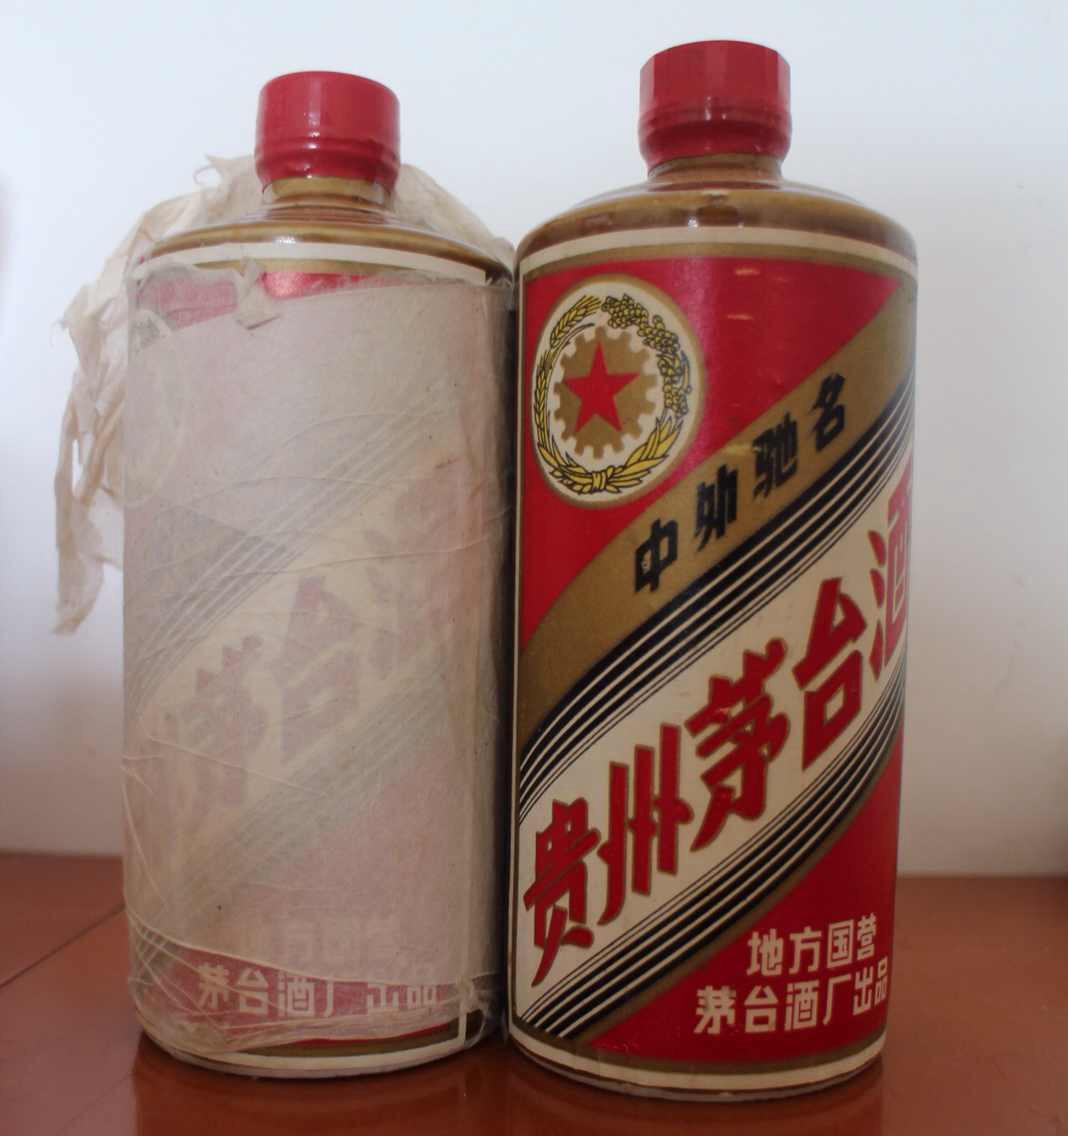 北京回收飛天茅臺酒價格表 82年茅臺酒回收價格-冬蟲夏草回收